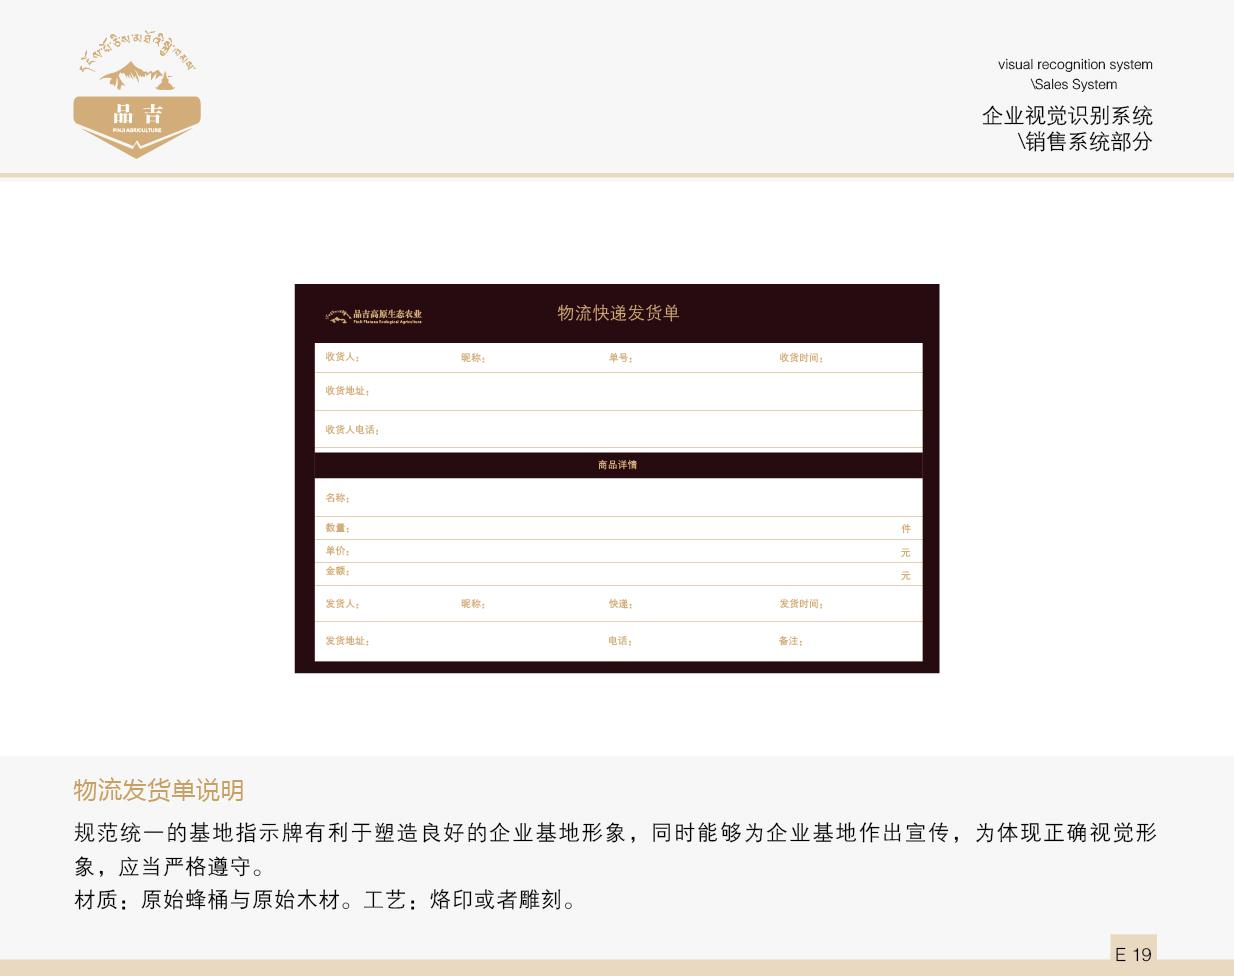 品吉农业VI 销售系统部分  客户资料  第20张